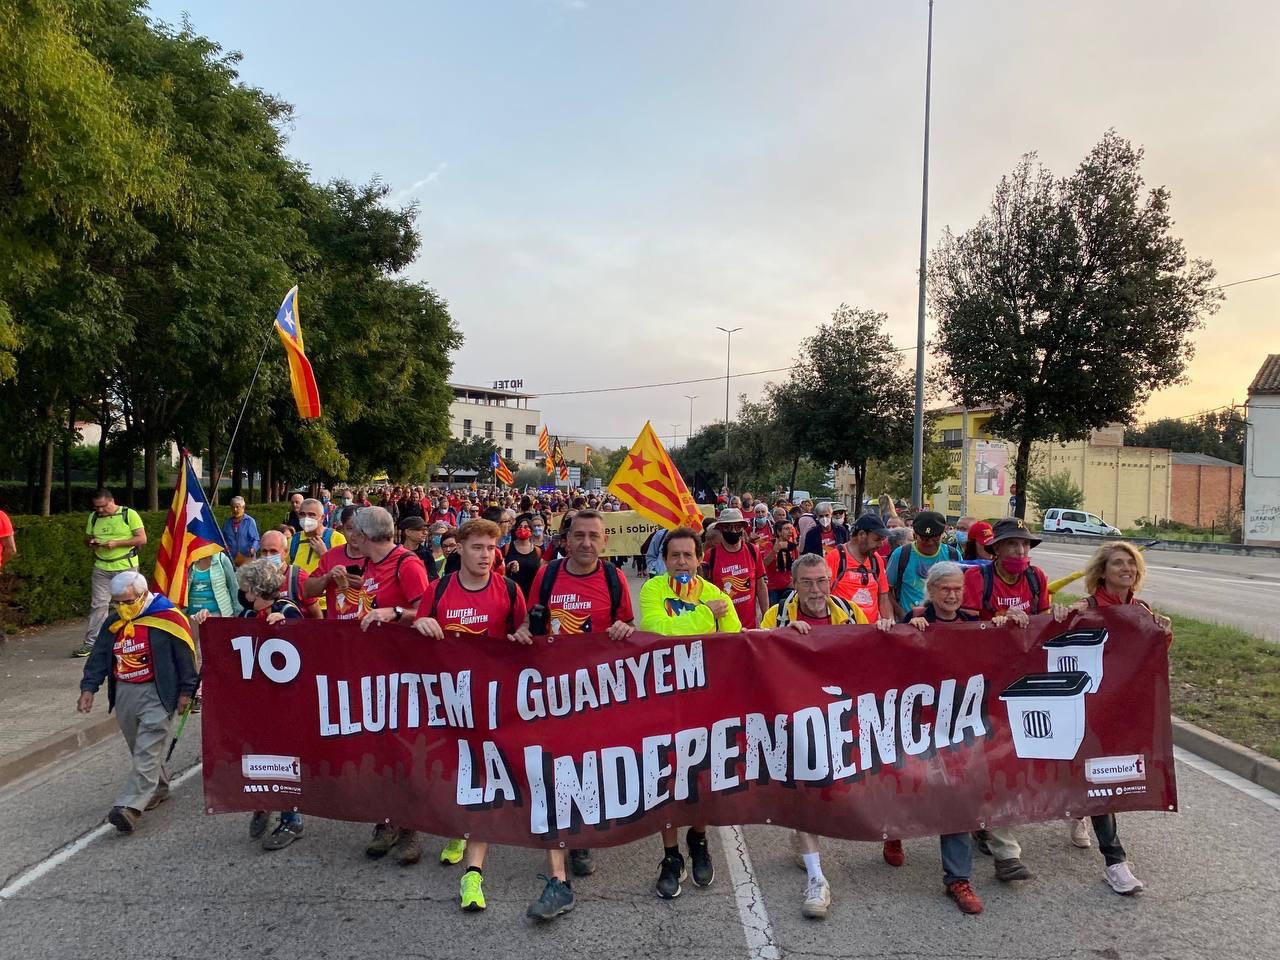 Surt la Marxa Nord des de Sant Julià de Ramis, amb centenars de persones direcció a Girona / ANC